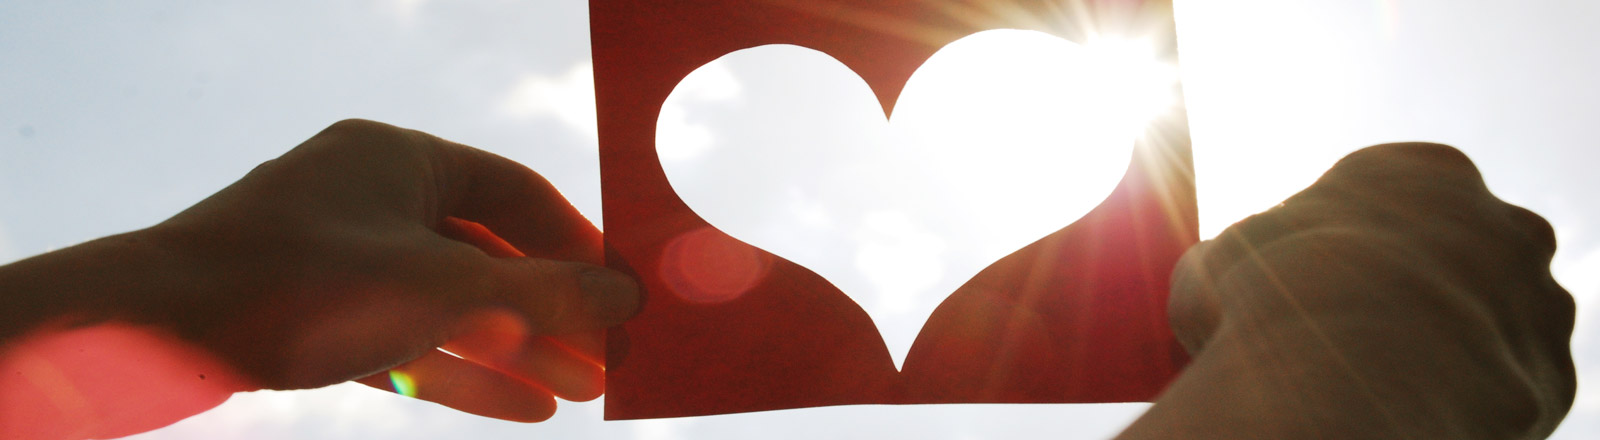 Ein ausgeschnittenes Herz in der Sonne